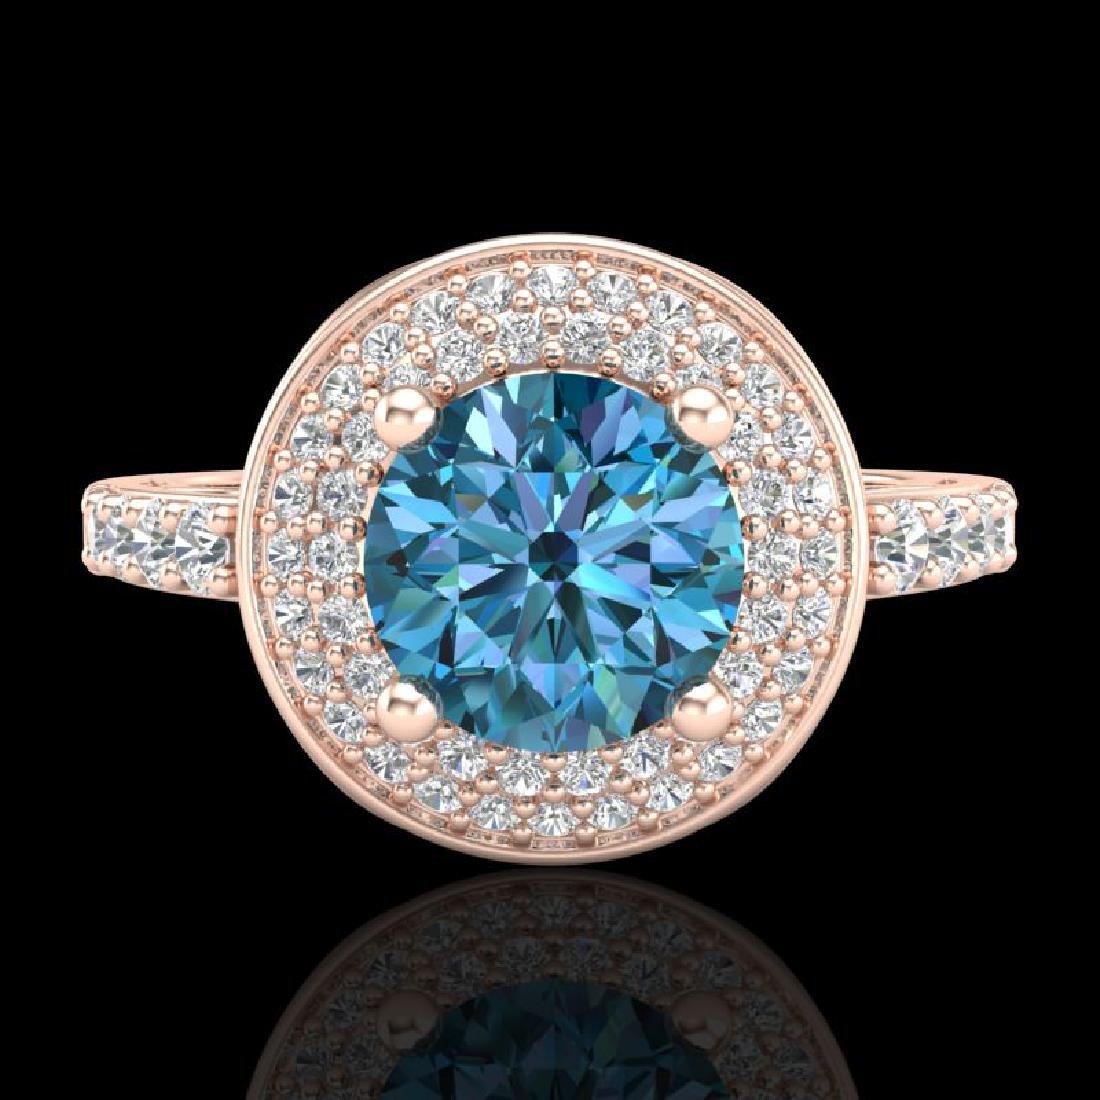 1.7 CTW Intense Blue Diamond Solitaire Engagement Art - 2